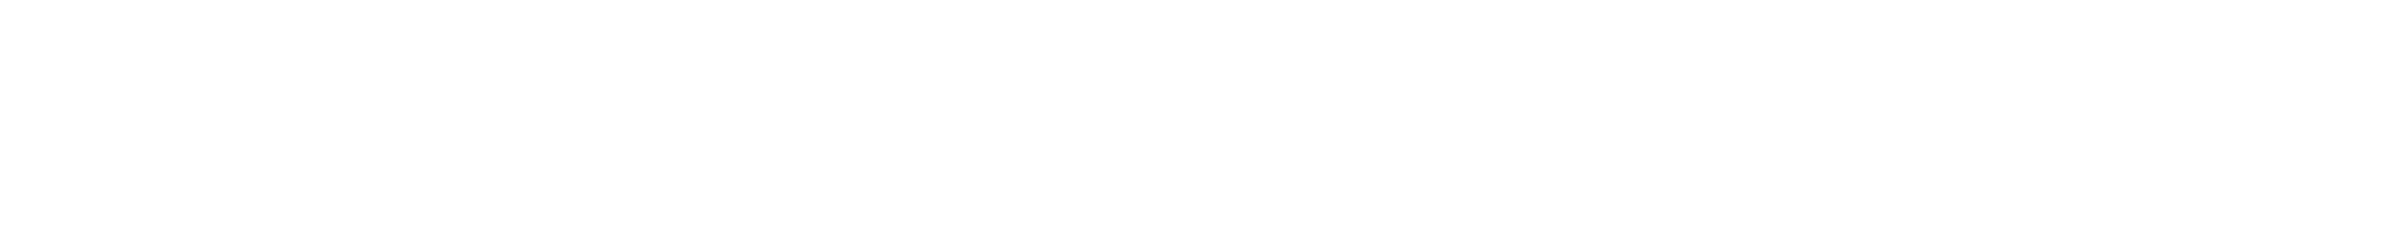 Proactis-Logo-White.png